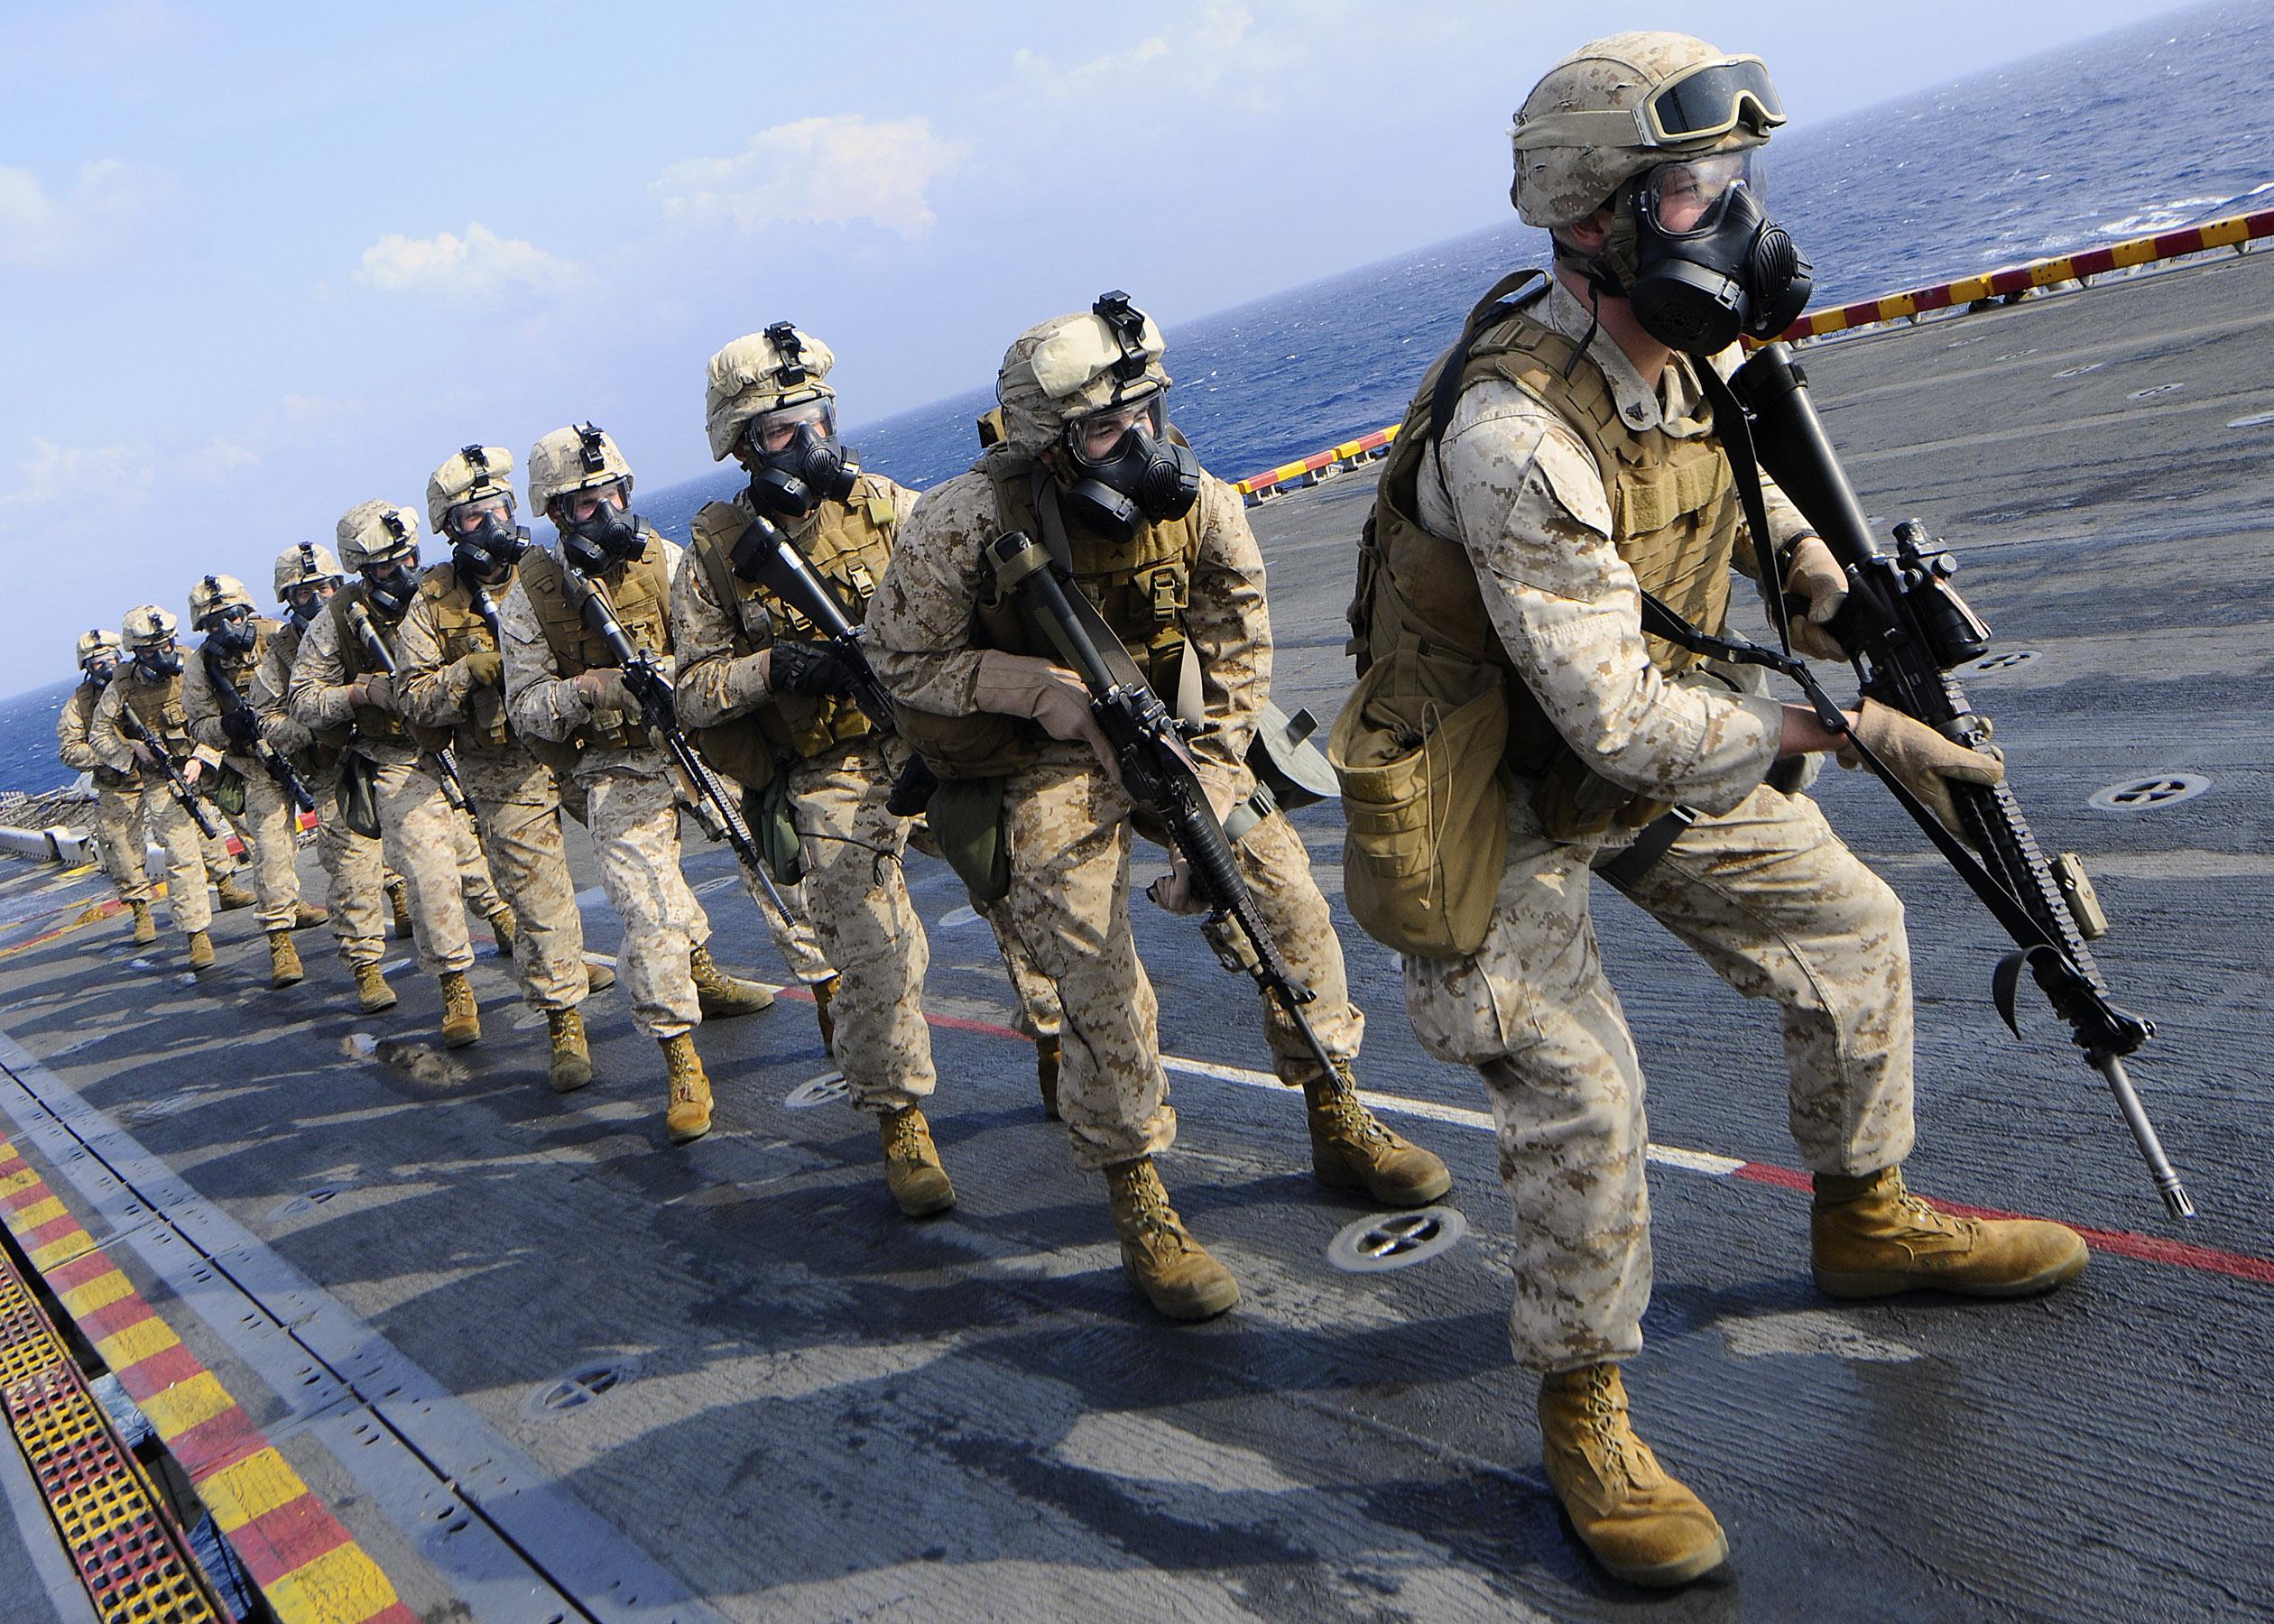 26th Marine Regiment (...